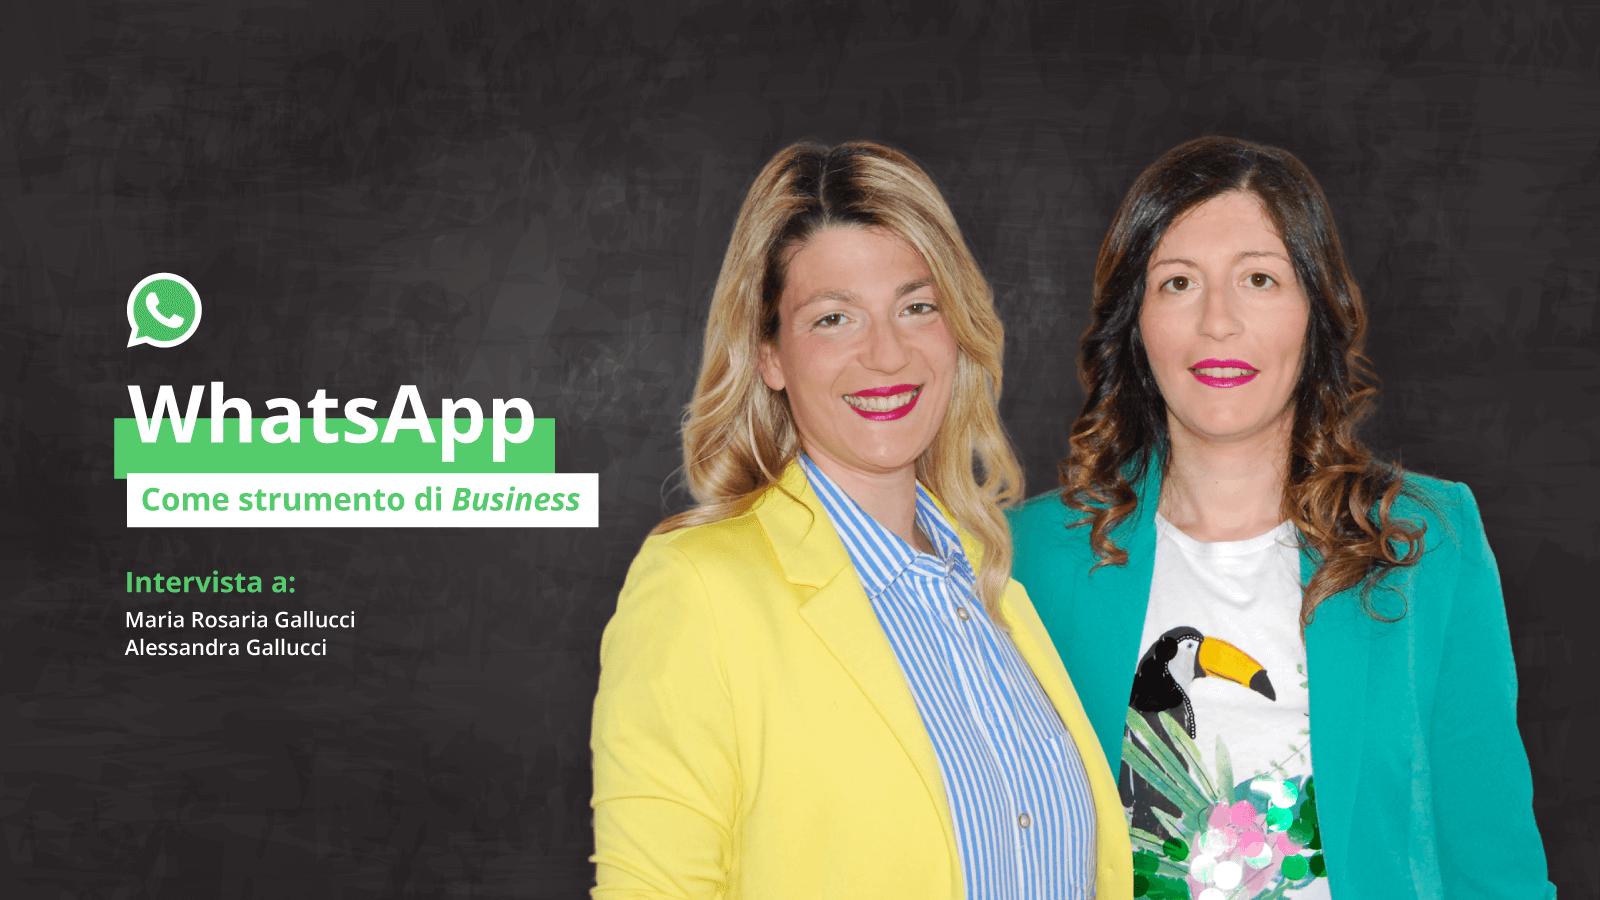 WhatsApp come strumento di Business: intervista a Maria Rosaria e Alessandra Gallucci